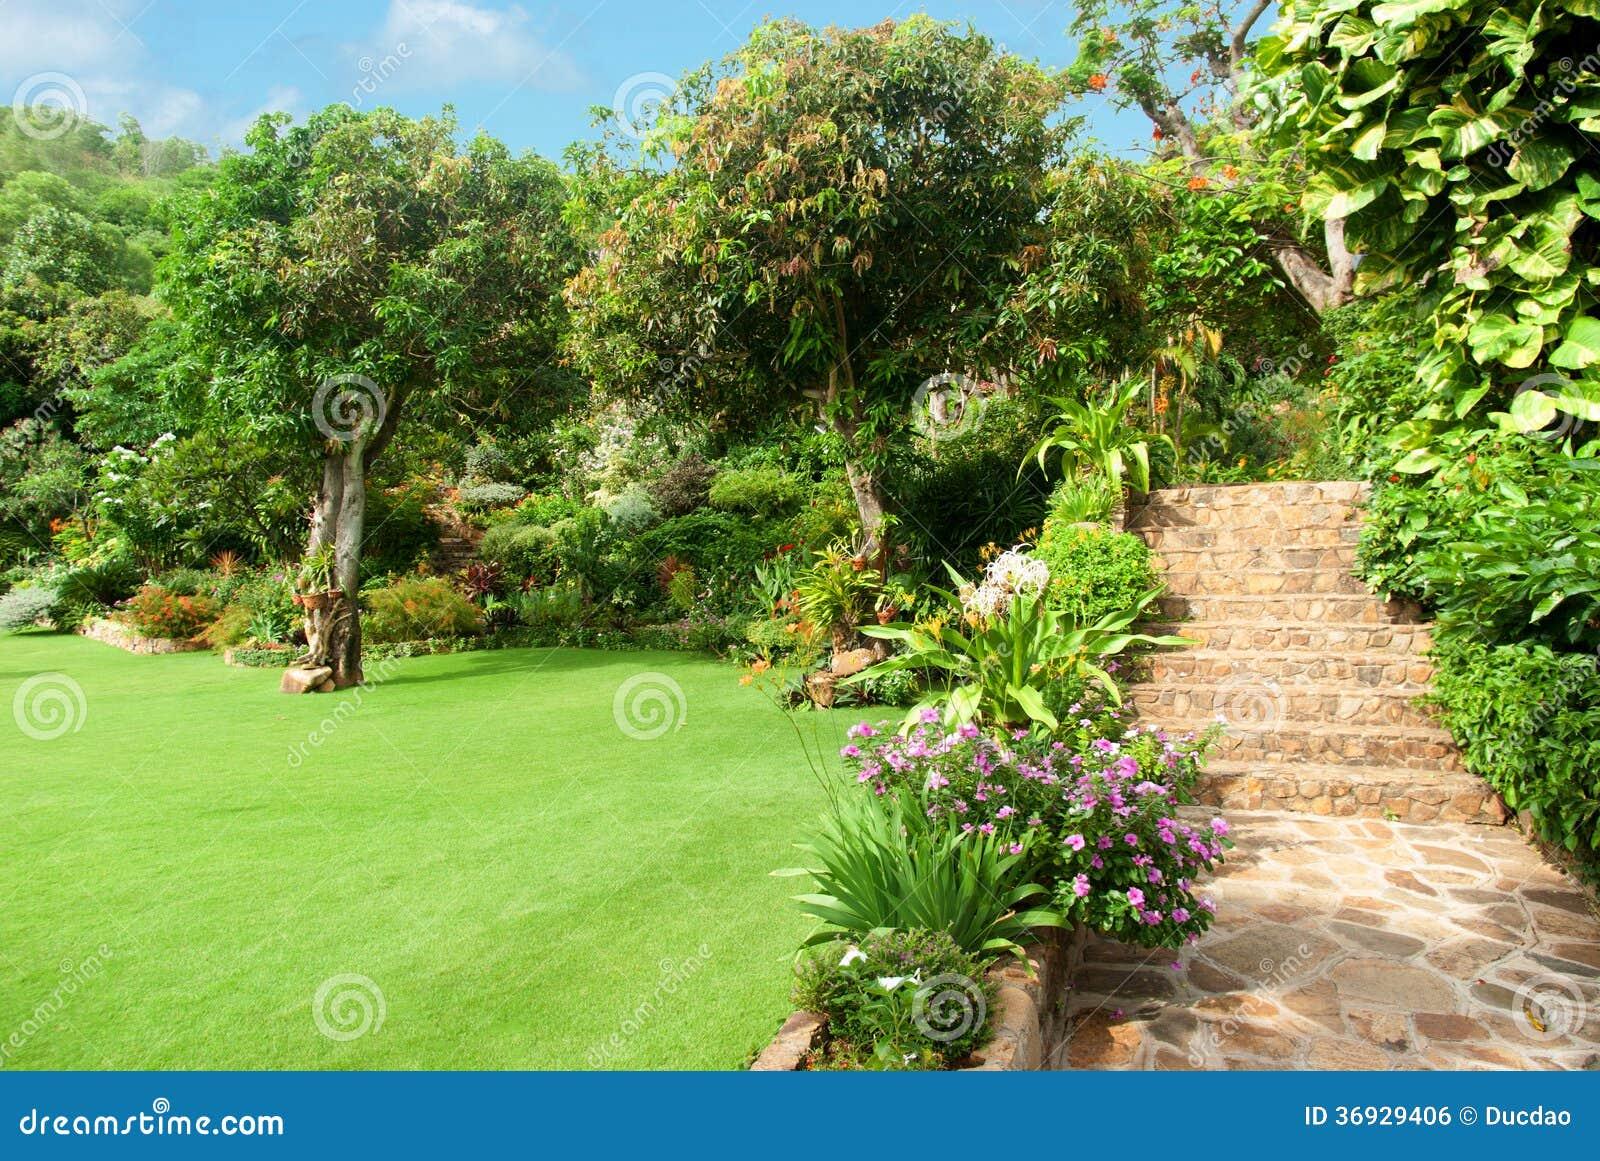 Aménagement En Pierre Naturel Dans Le Jardin Avec Des Escaliers ...